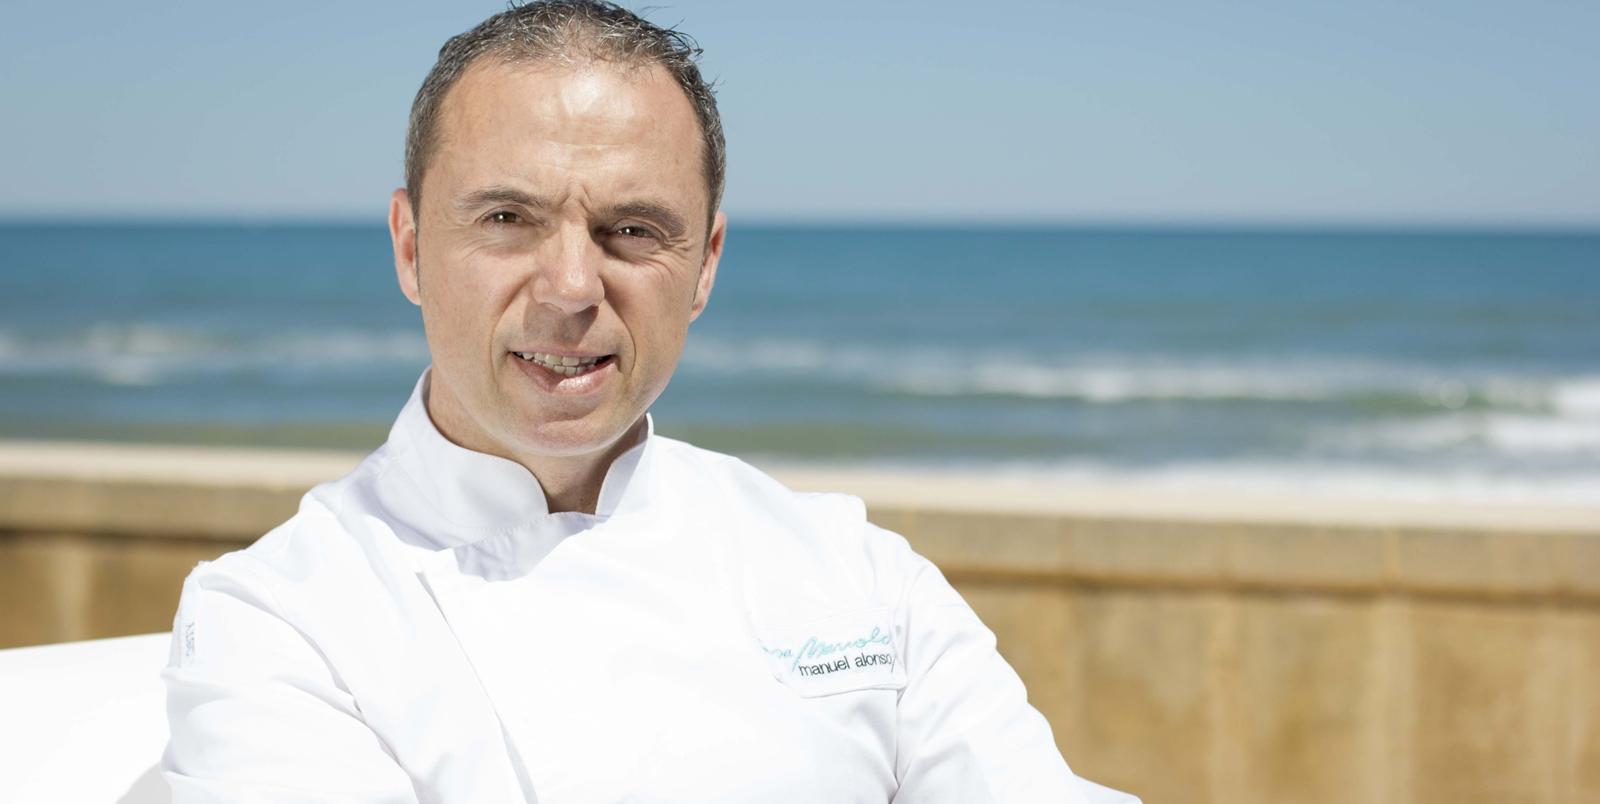 Chef Manuel Alonso, restaurante Casa Manolo con una estrella michelín y dos soles repsol. Daimús Valencia